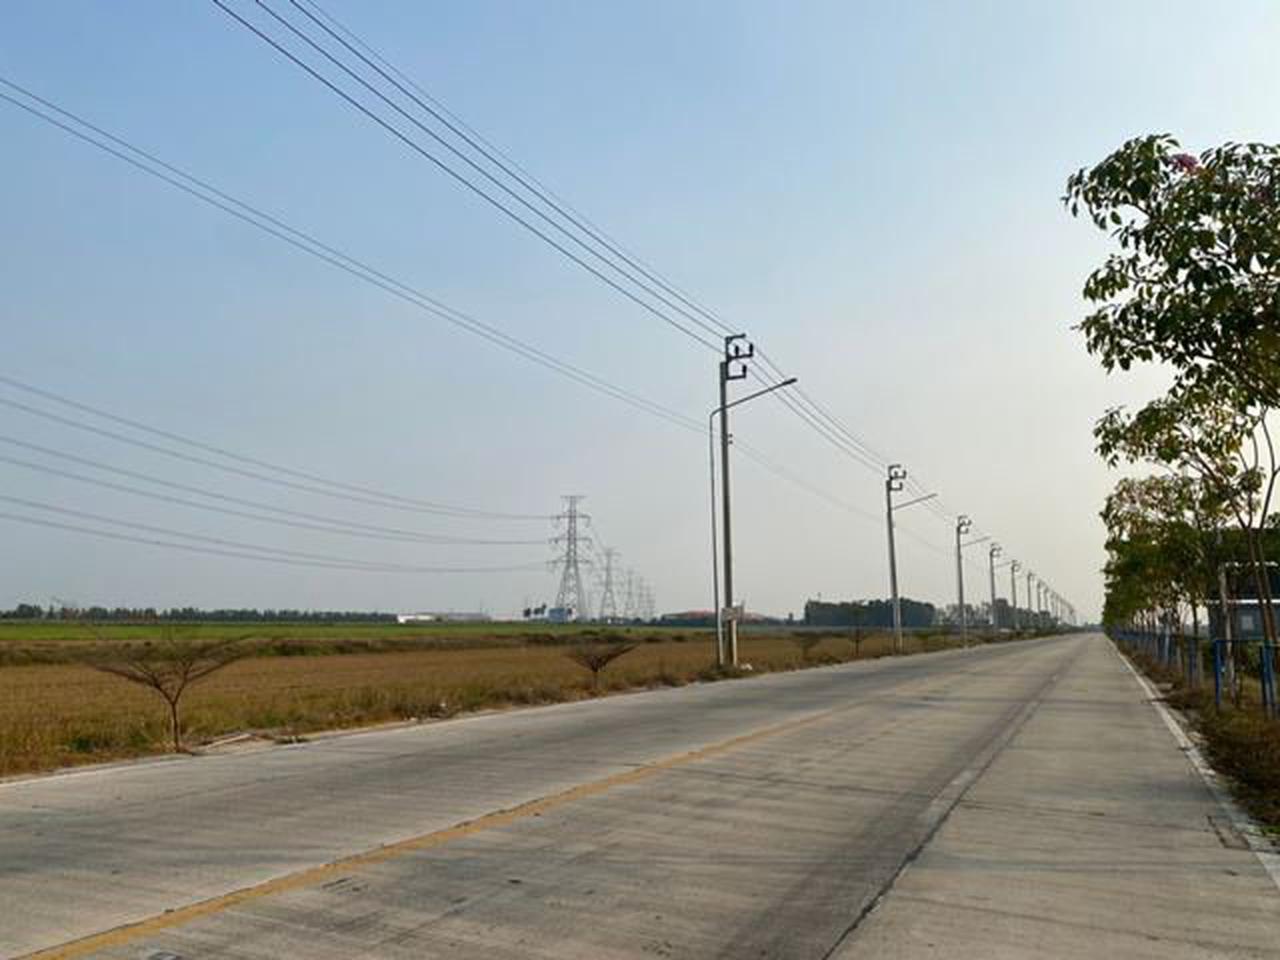 S301 ที่ดินแบ่งขายราคาถูก ขนาด 10 ไร่ ไทรน้อย นนทบุรี ราคา 4 ล้านบาท/ไร่ รูปที่ 5